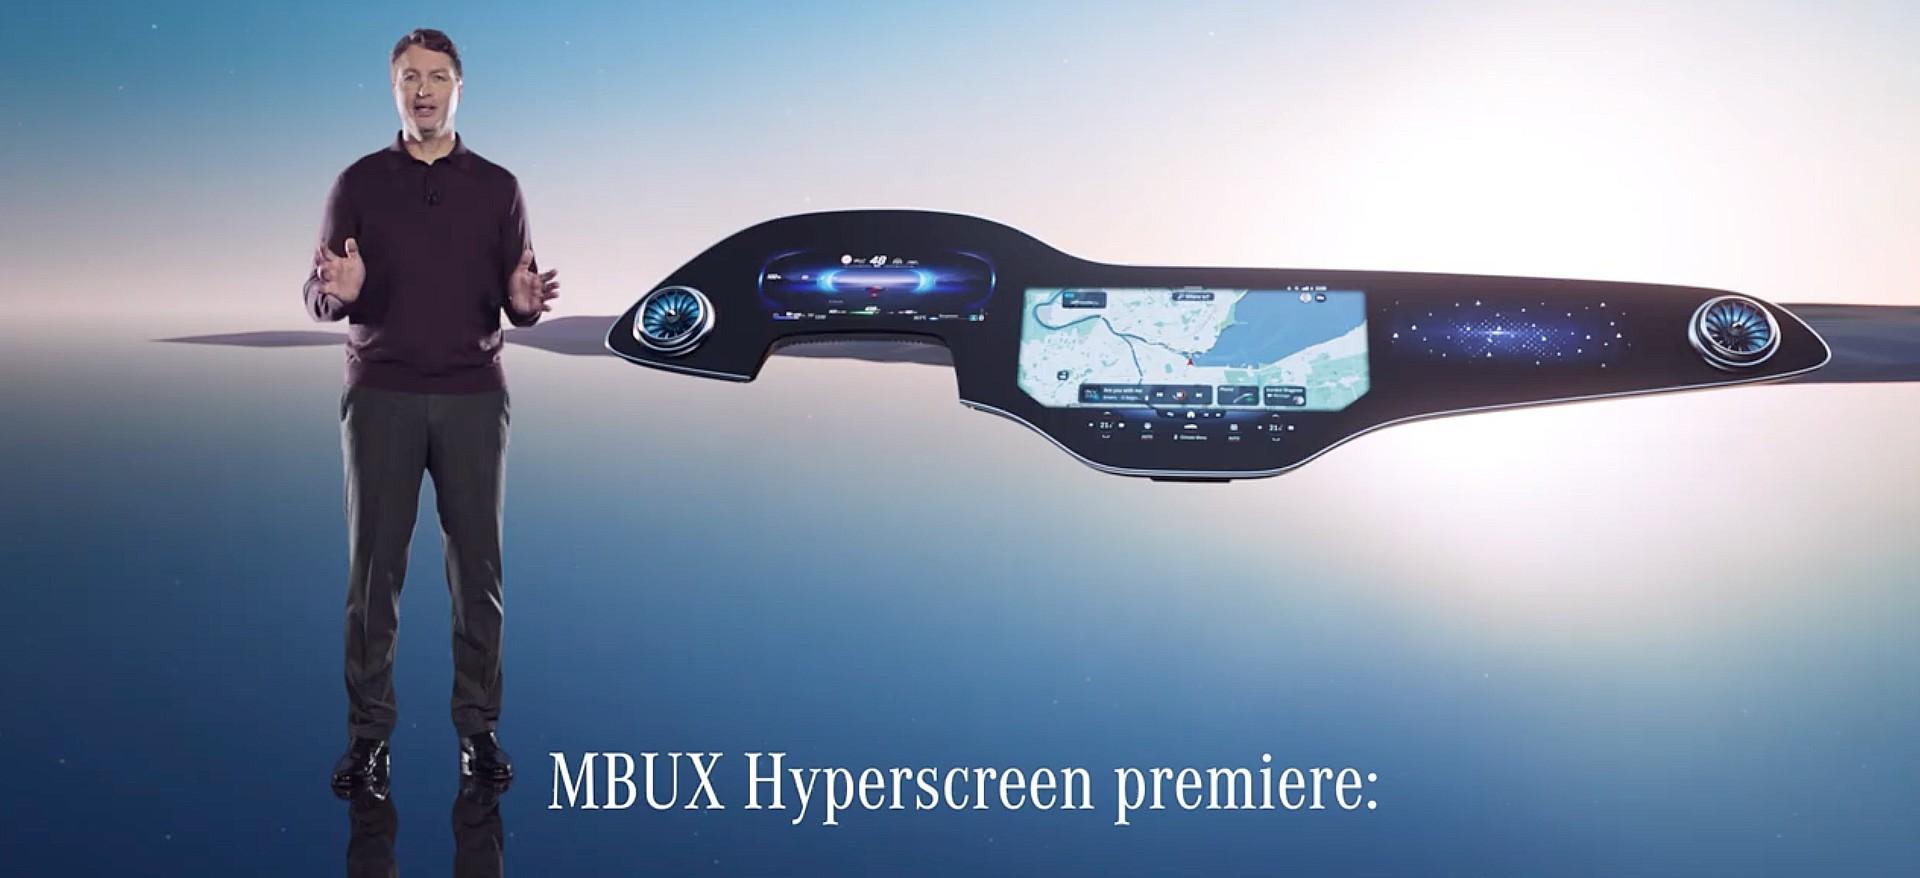 mbux-hyperscreen-daimler-mercedes-benz